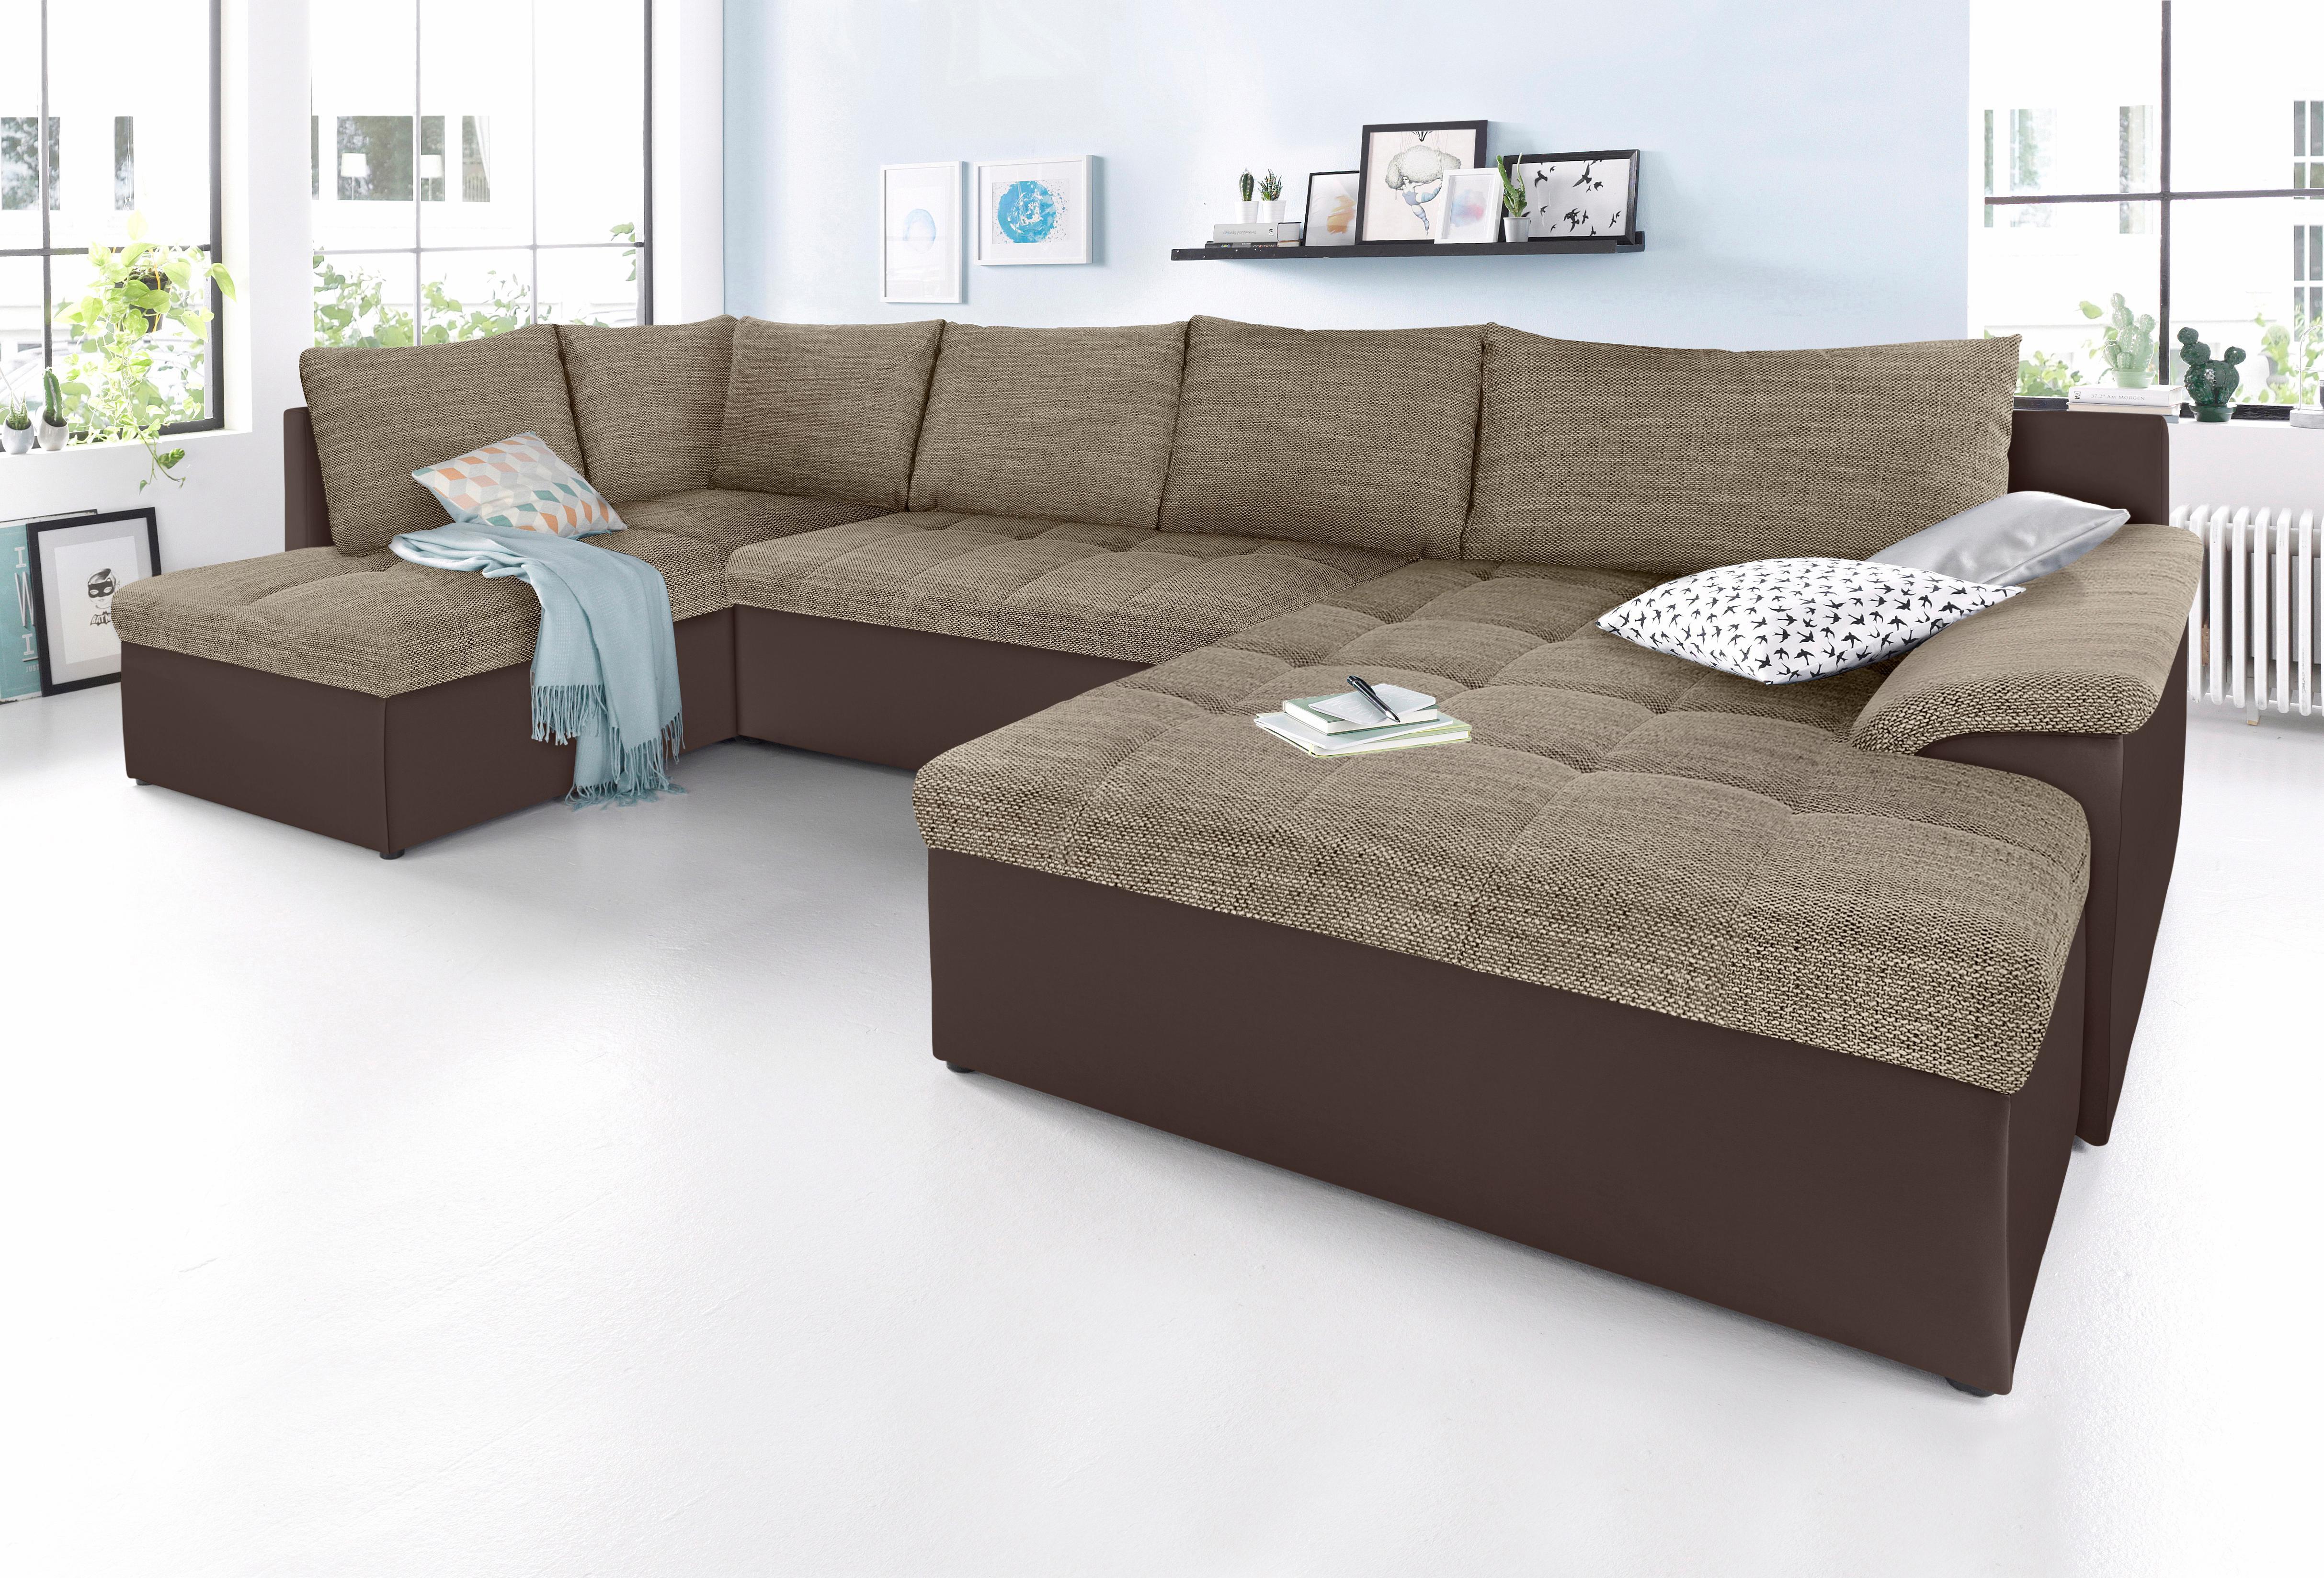 sit more wohnlandschaft bestellen baur. Black Bedroom Furniture Sets. Home Design Ideas